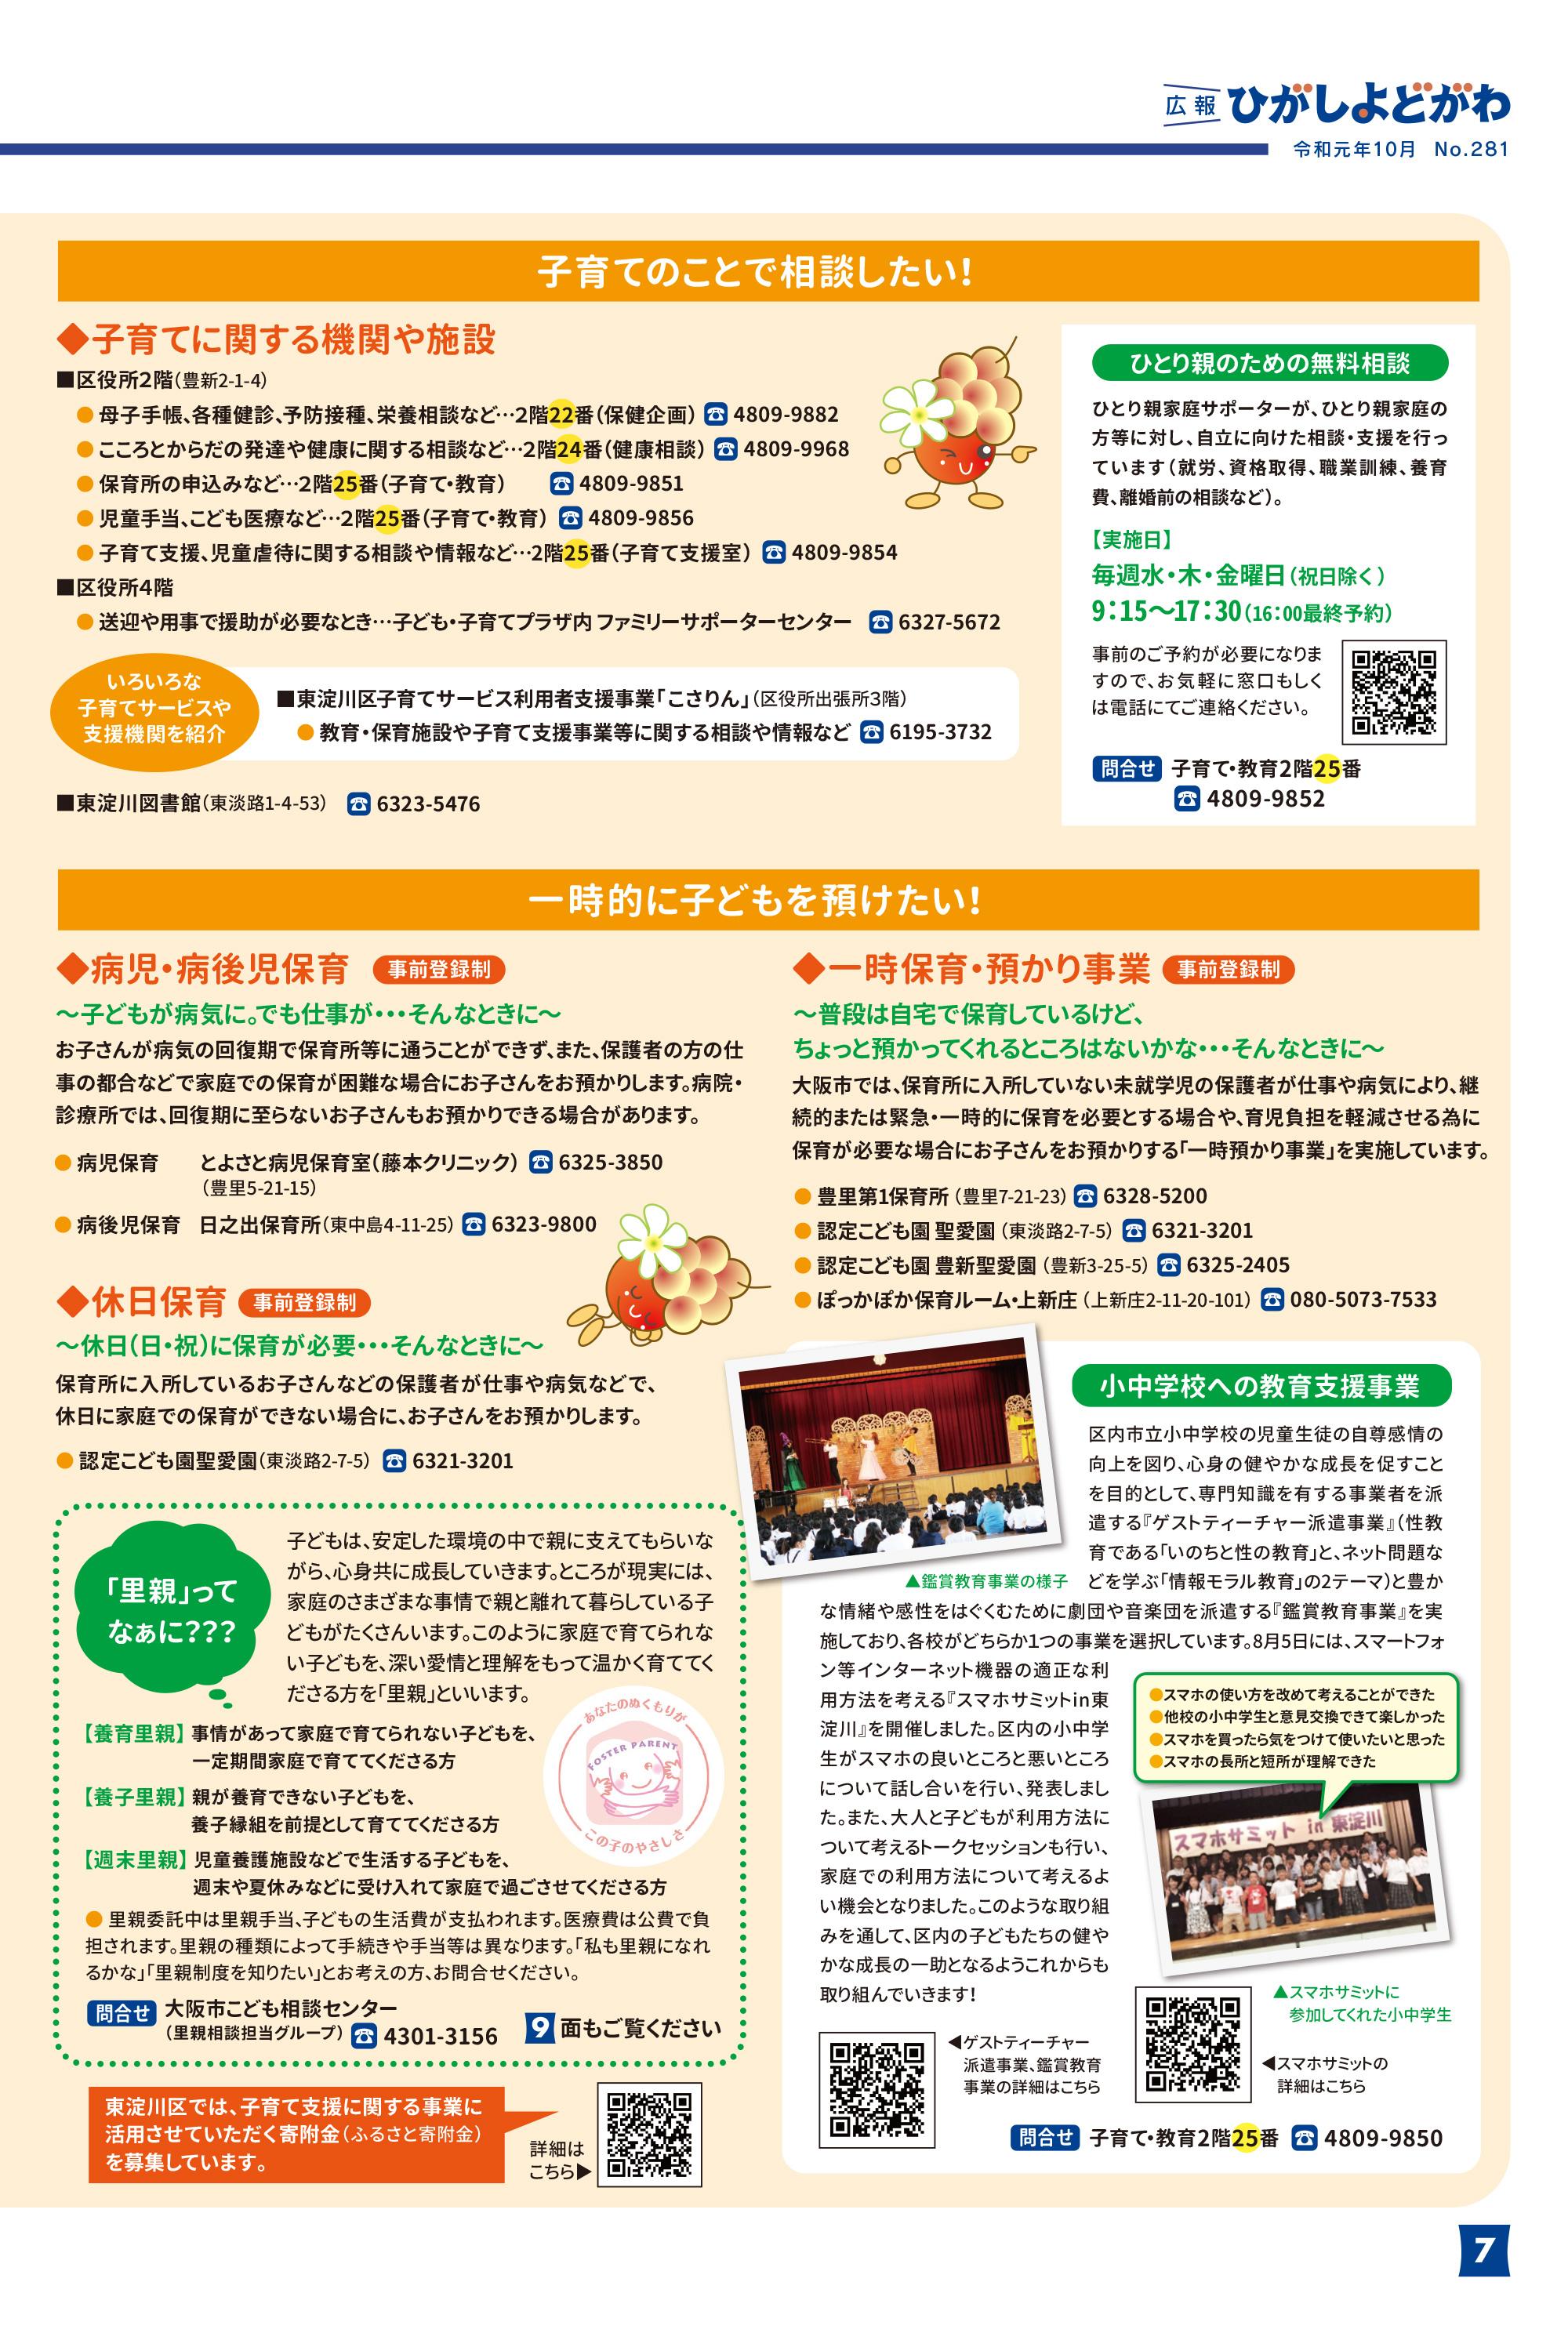 広報ひがしよどがわ2019年10月号|OSAKA5GO!WALK(大阪市東淀川区)